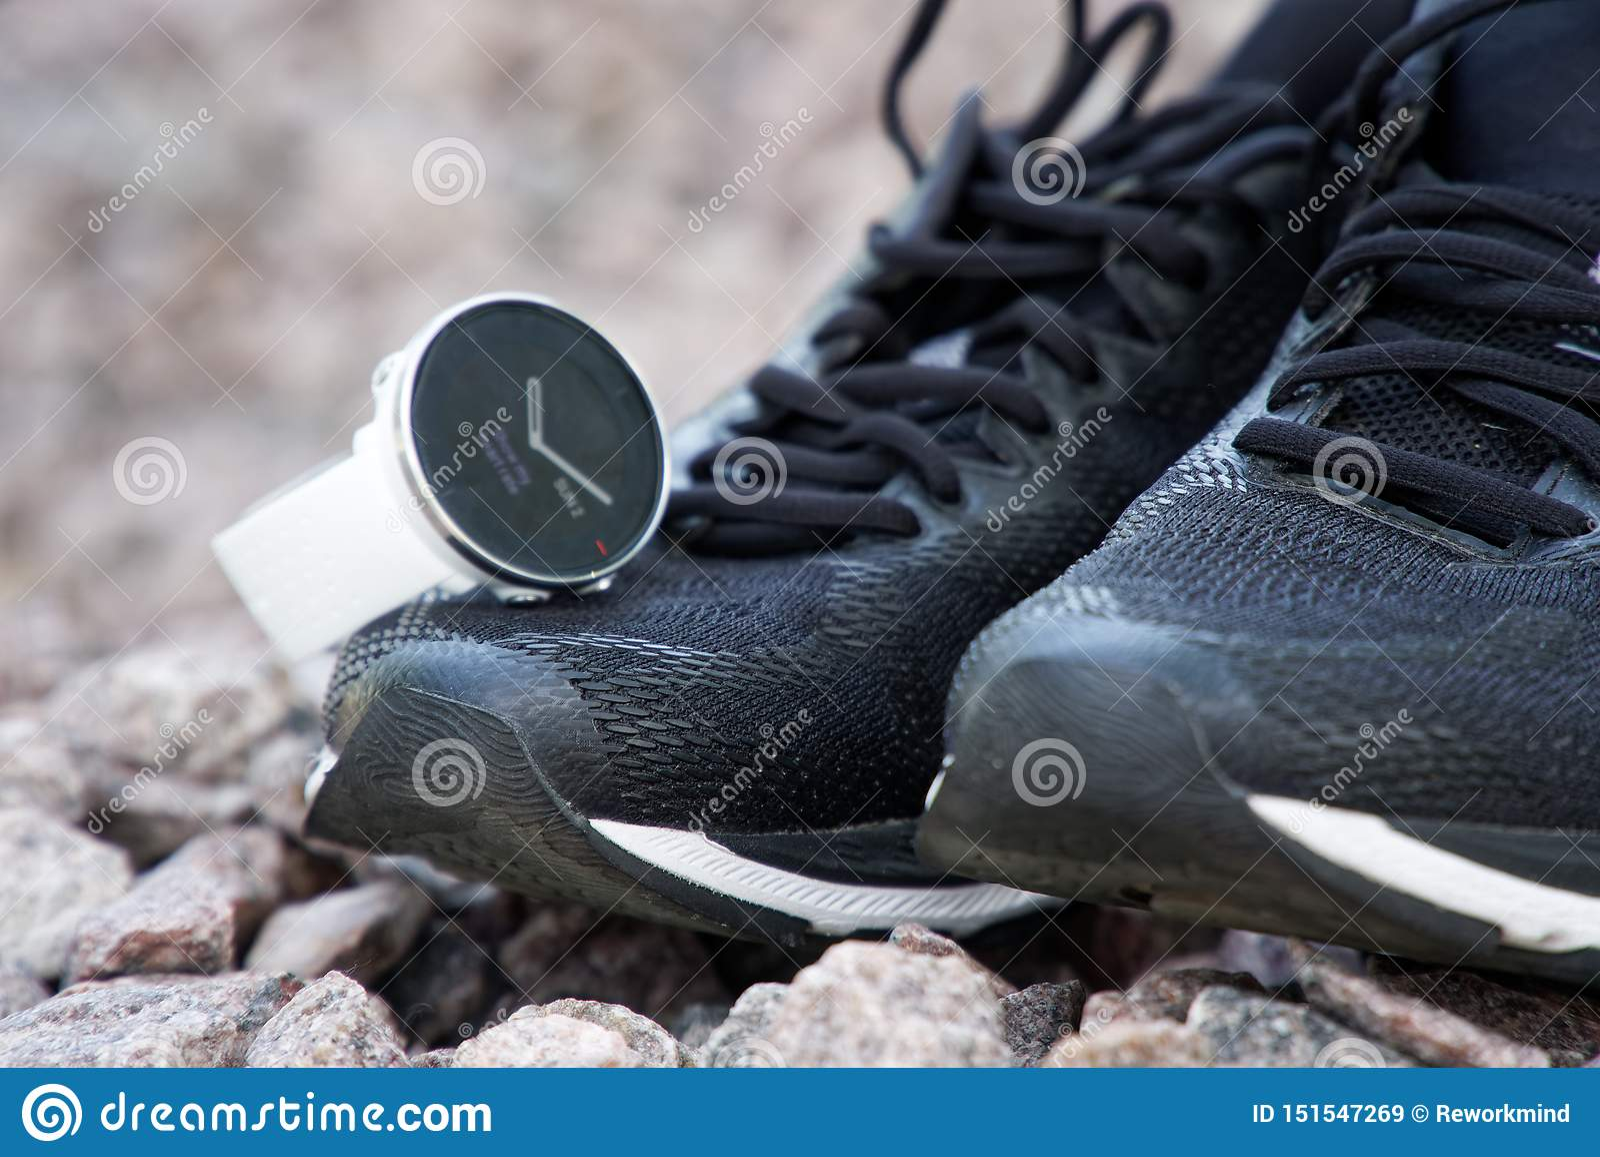 体育在跑鞋的注意crossfit和三项全能 巧妙的注意跟踪的每日活动和力量训练